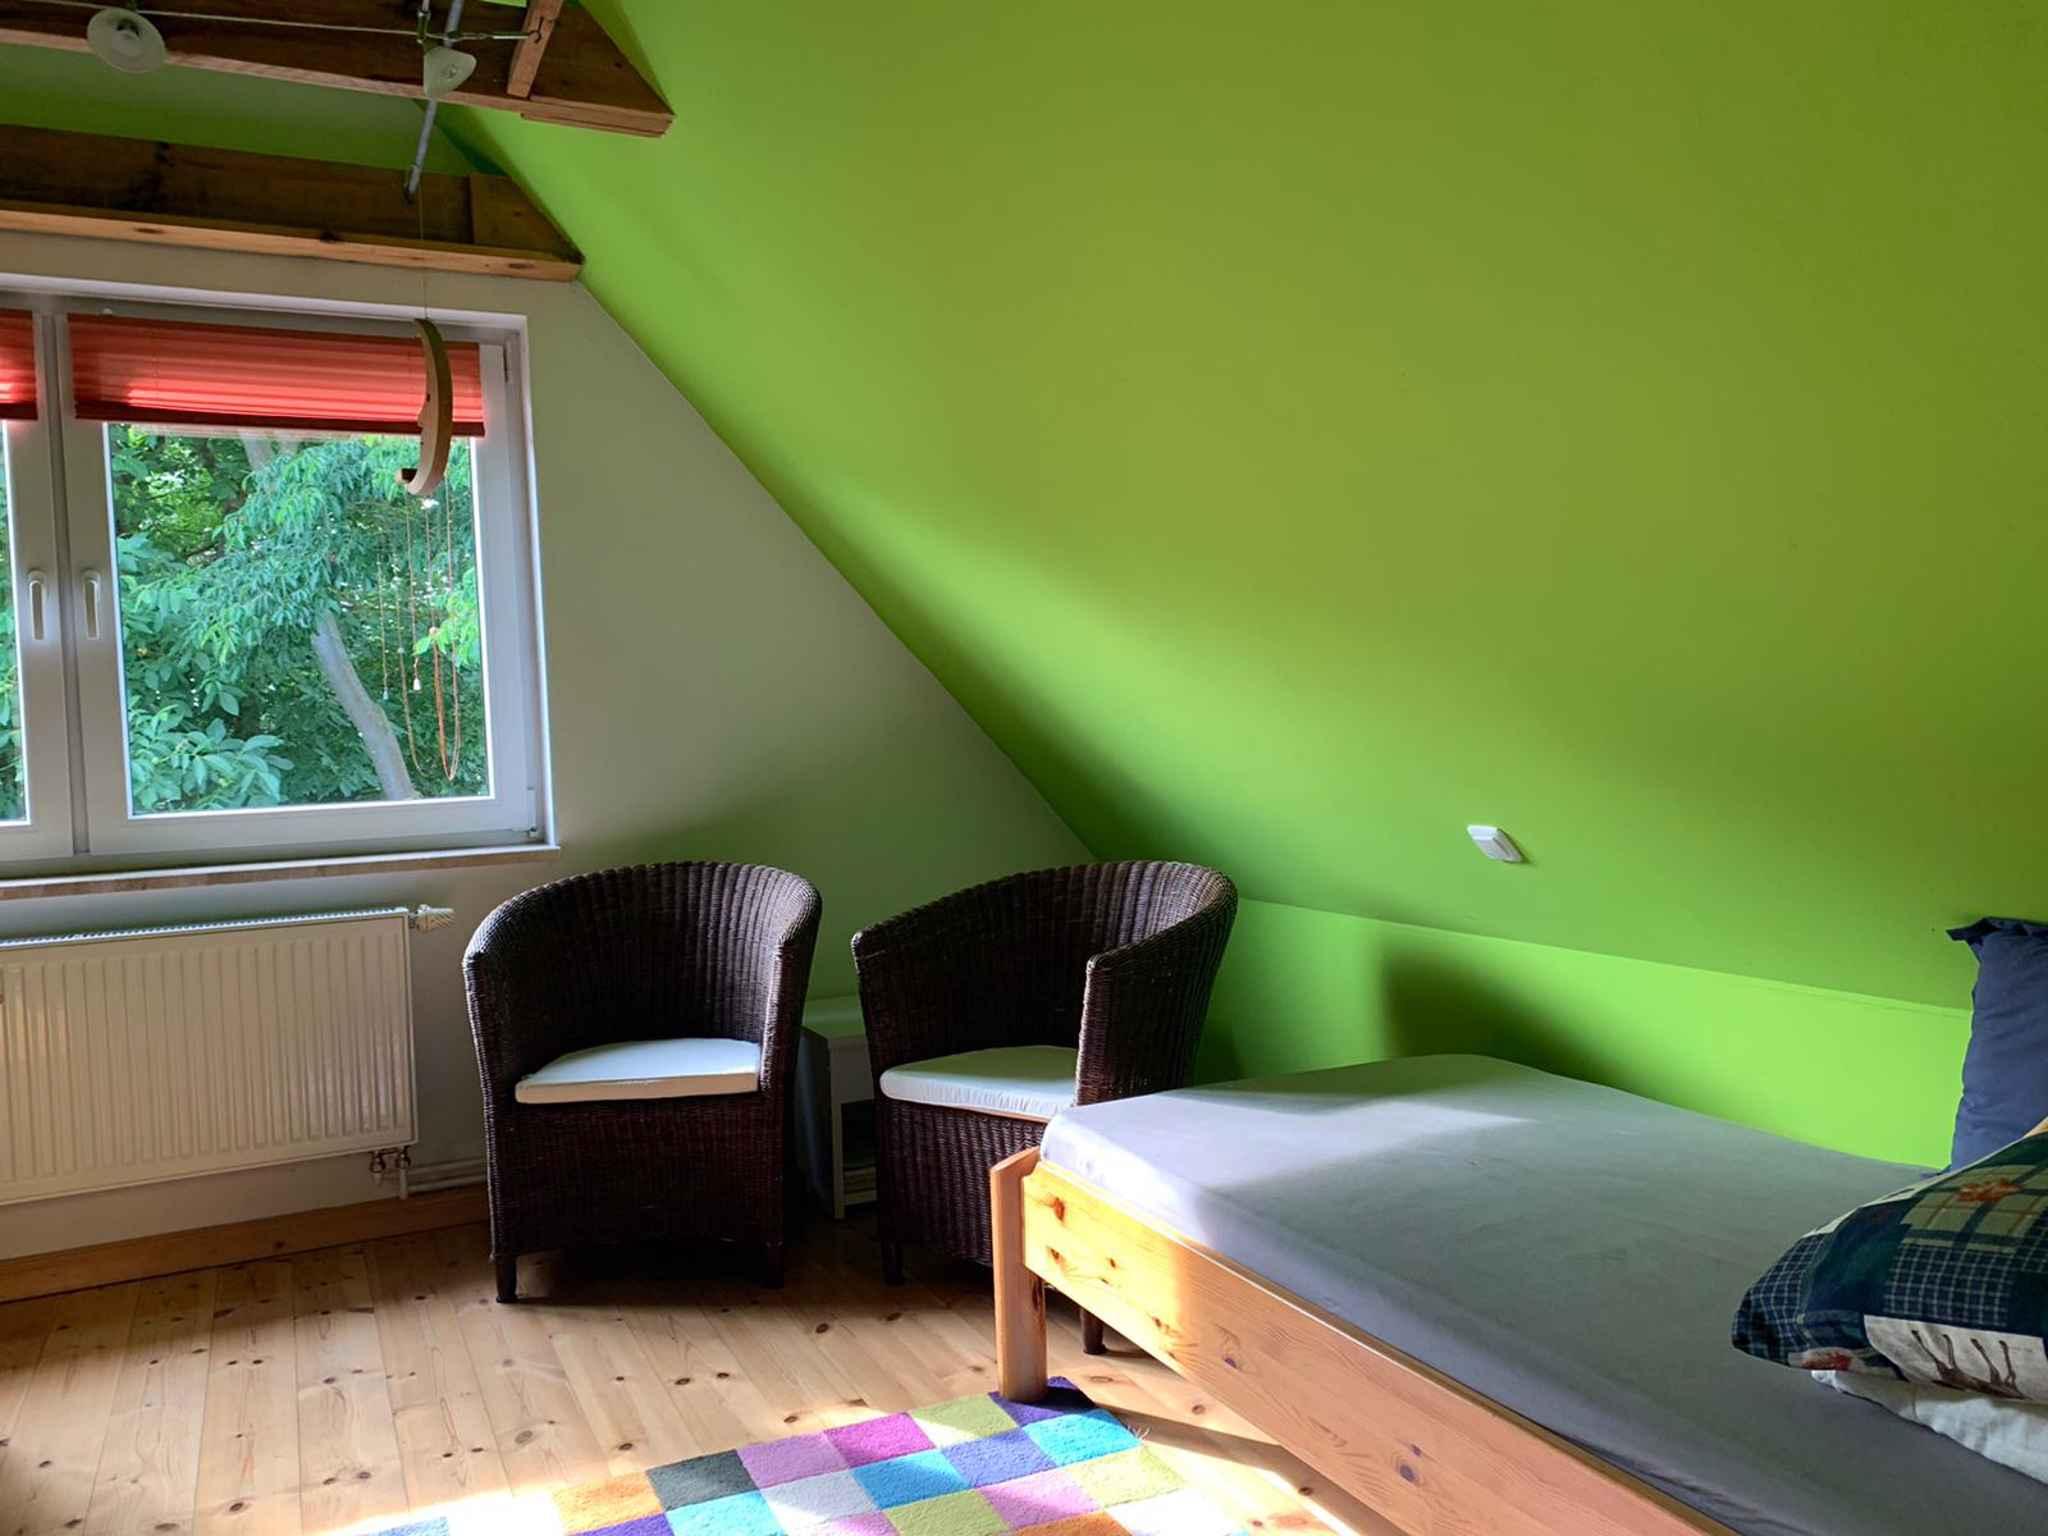 Holiday house mit Garten und Terrasse, 800 m zum Strand (314511), Gustow, Rügen, Mecklenburg-Western Pomerania, Germany, picture 14